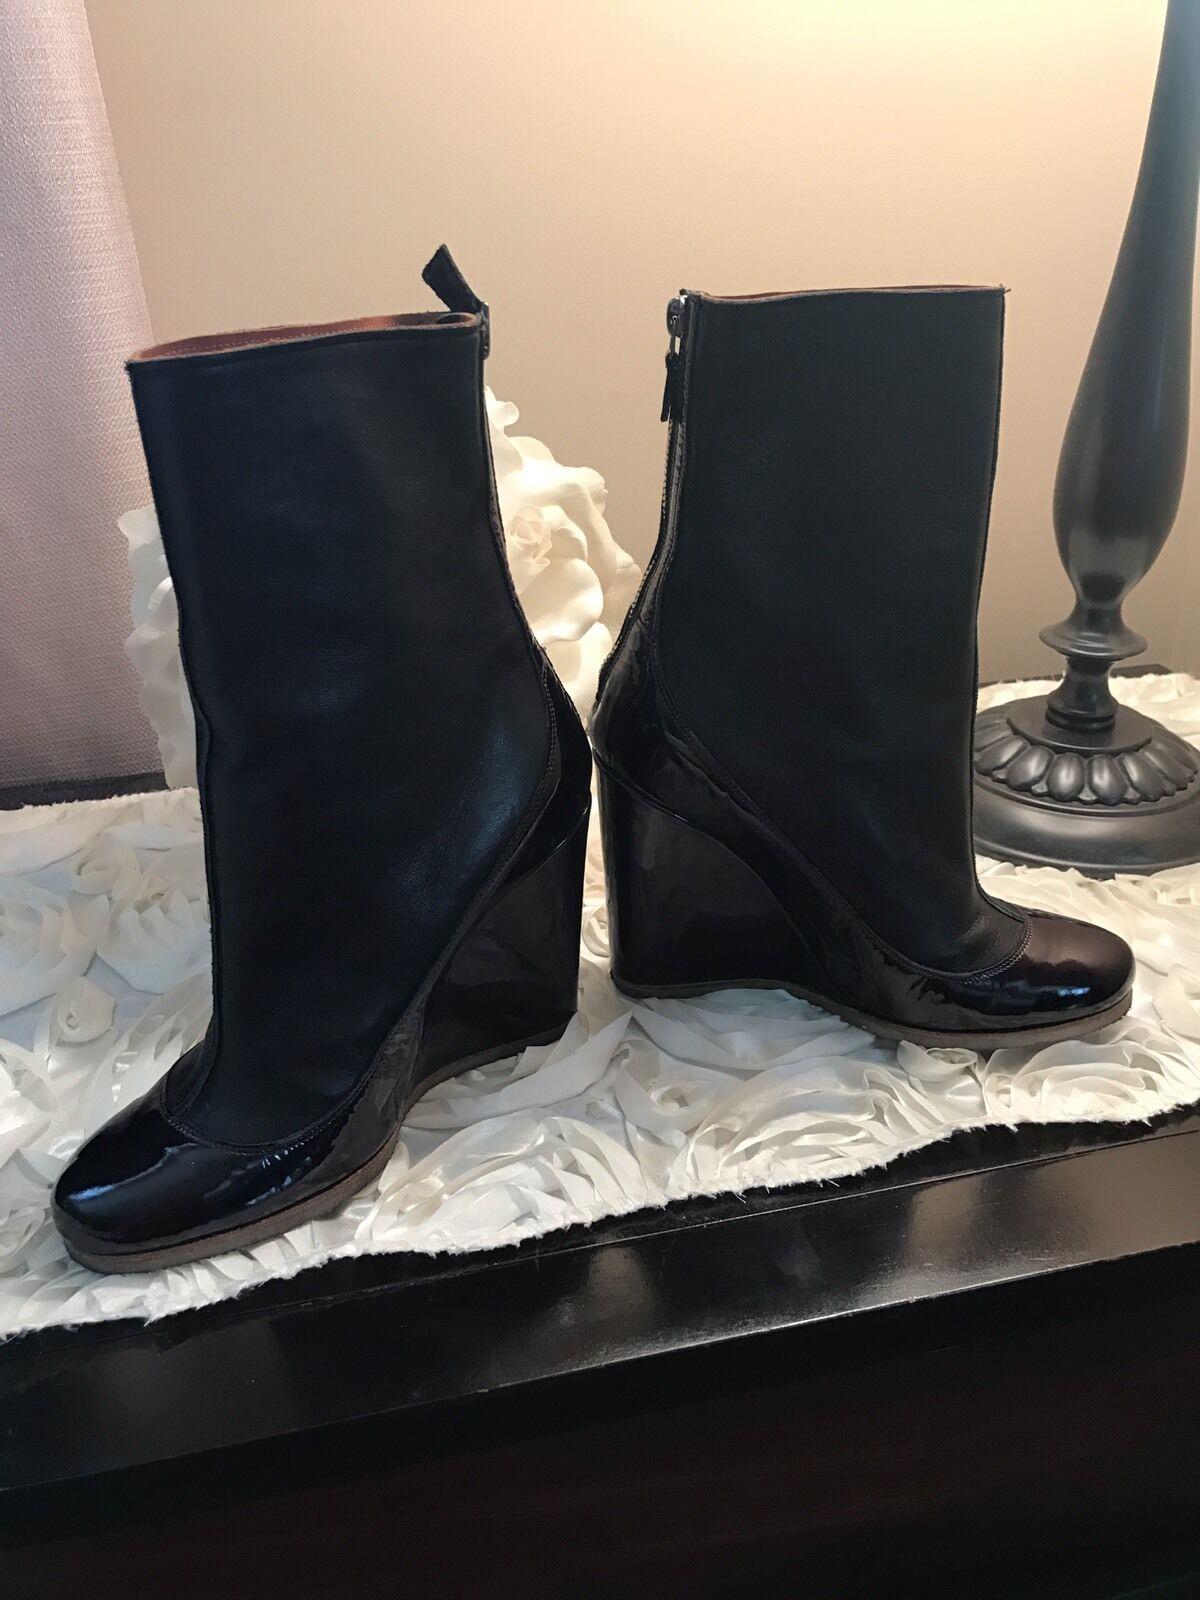 LANVIN nero & viola avvioies  Wedges scarpe Dimensione 35,5